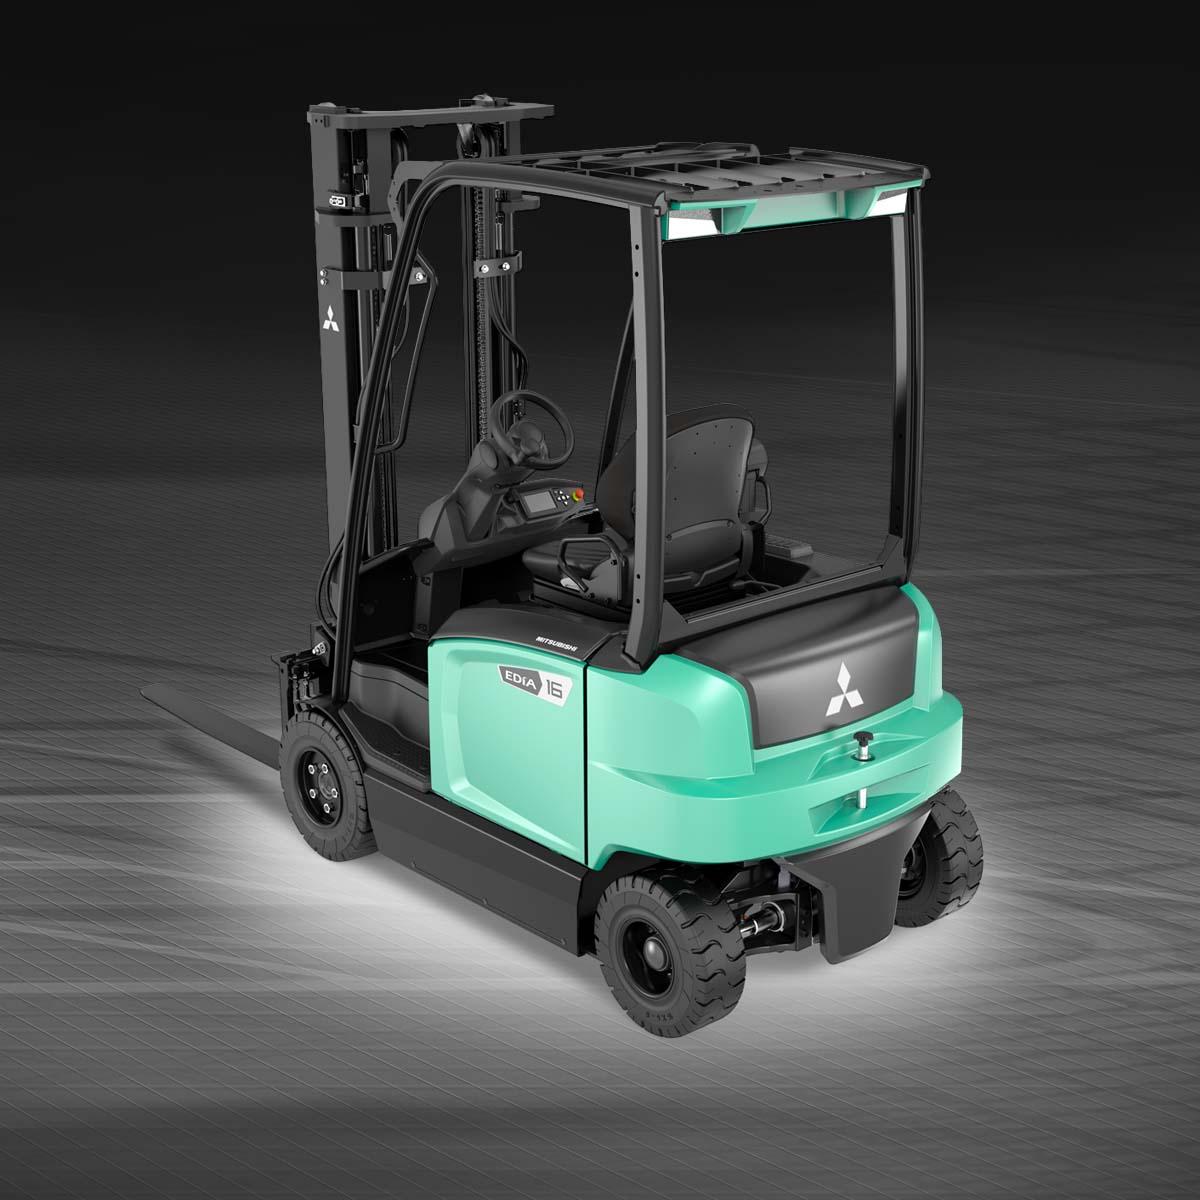 Four Way Side Loader Forklift Mitsubishi Rbm2025k Series: 4-wheel Electric Forklifts